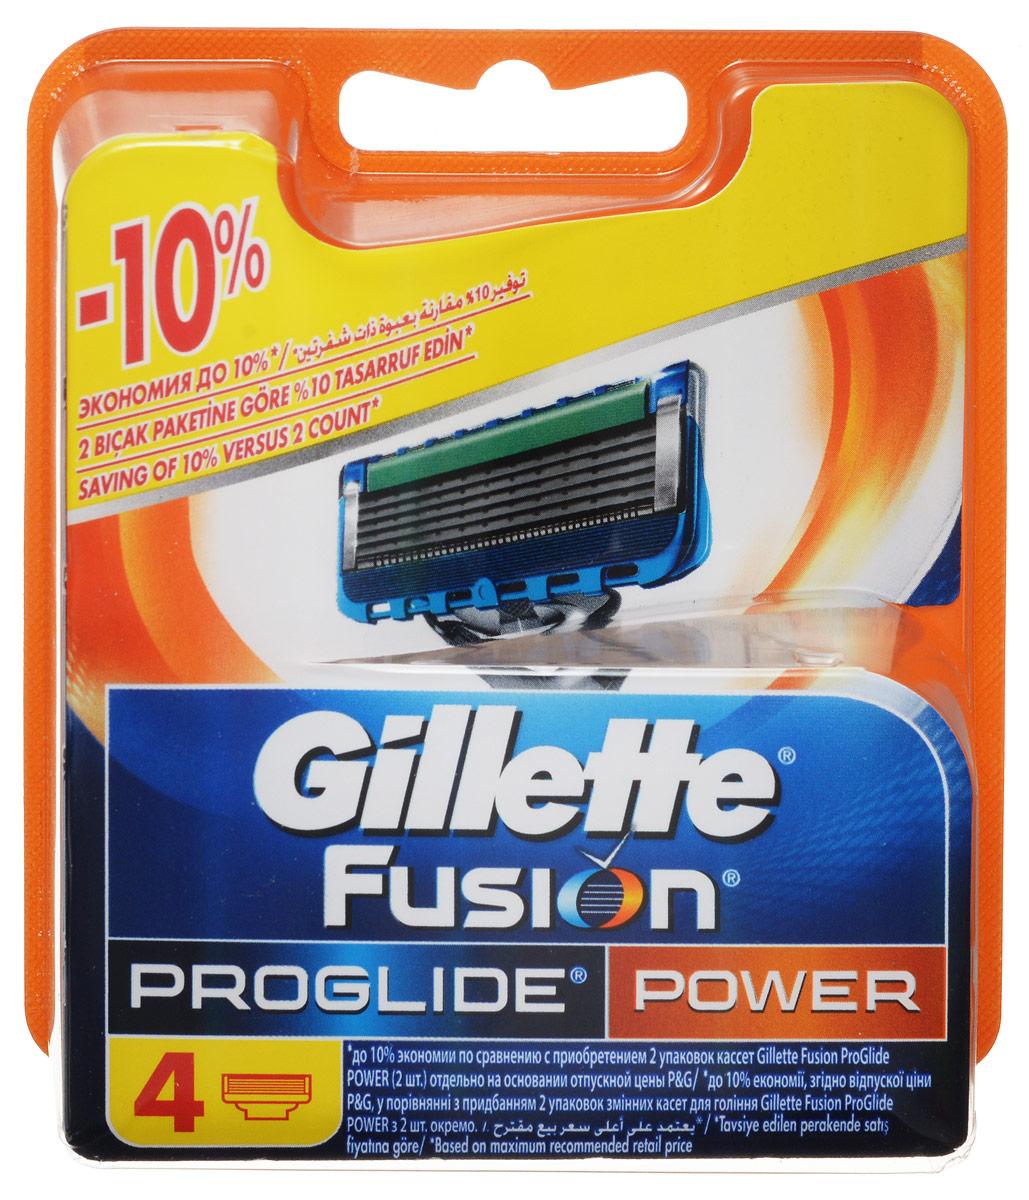 Gillette Сменные кассеты для бритья Fusion ProGlide Power, 4 шт15032029Gillette - лучше для мужчины нет!Gillette Fusion ProGlide Power – это самая инновационная бритва от Gillette, которая обеспечивает действительно революционное скольжение и гладкость бритья.Новая бритва оснащена самыми тонкими лезвиями от Gillette со специальным покрытием, снижающим сопротивление. Для революционного скольжения и невероятной гладкости бритья, даже по сравнению с Fusion.Невооруженным глазом вы можете не заметить все последние инновации в НОВЫХ бритвах Gillette Fusion ProGlide и Gillette Fusion ProGlide Power, но после первого раза вы почувствуете, что бритье превратилось в скольжение.- При покупке упаковки сменных кассет ProGlide или ProGlide Power из 4 шт. вы экономите до 10% по сравнению с покупкой двух упаковок из 2 шт. (на основании отпускной цены Procter&Gamble).- Самые тонкие лезвия от Gillette для революционного скольжения и гладкости бритья (первые лезвия в кассетах Fusion ProGlide тоньше, чем лезвия Fusion).- Расширенная увлажняющая полоска с минеральными маслами и полимерами обеспечивает лучшее скольжение.- Каналы для удаления излишков геля гарантируют максимально комфортное бритье.- Улучшенное лезвие-триммер оптимизирует бритье на сложных участках: виски, область под носом, шея.- Стабилизатор лезвий поддерживает оптимальное расстояние между лезвиями во время бритья.- Микрорасческа направляет волоски к лезвию для более гладкого бритья.Товар сертифицирован.